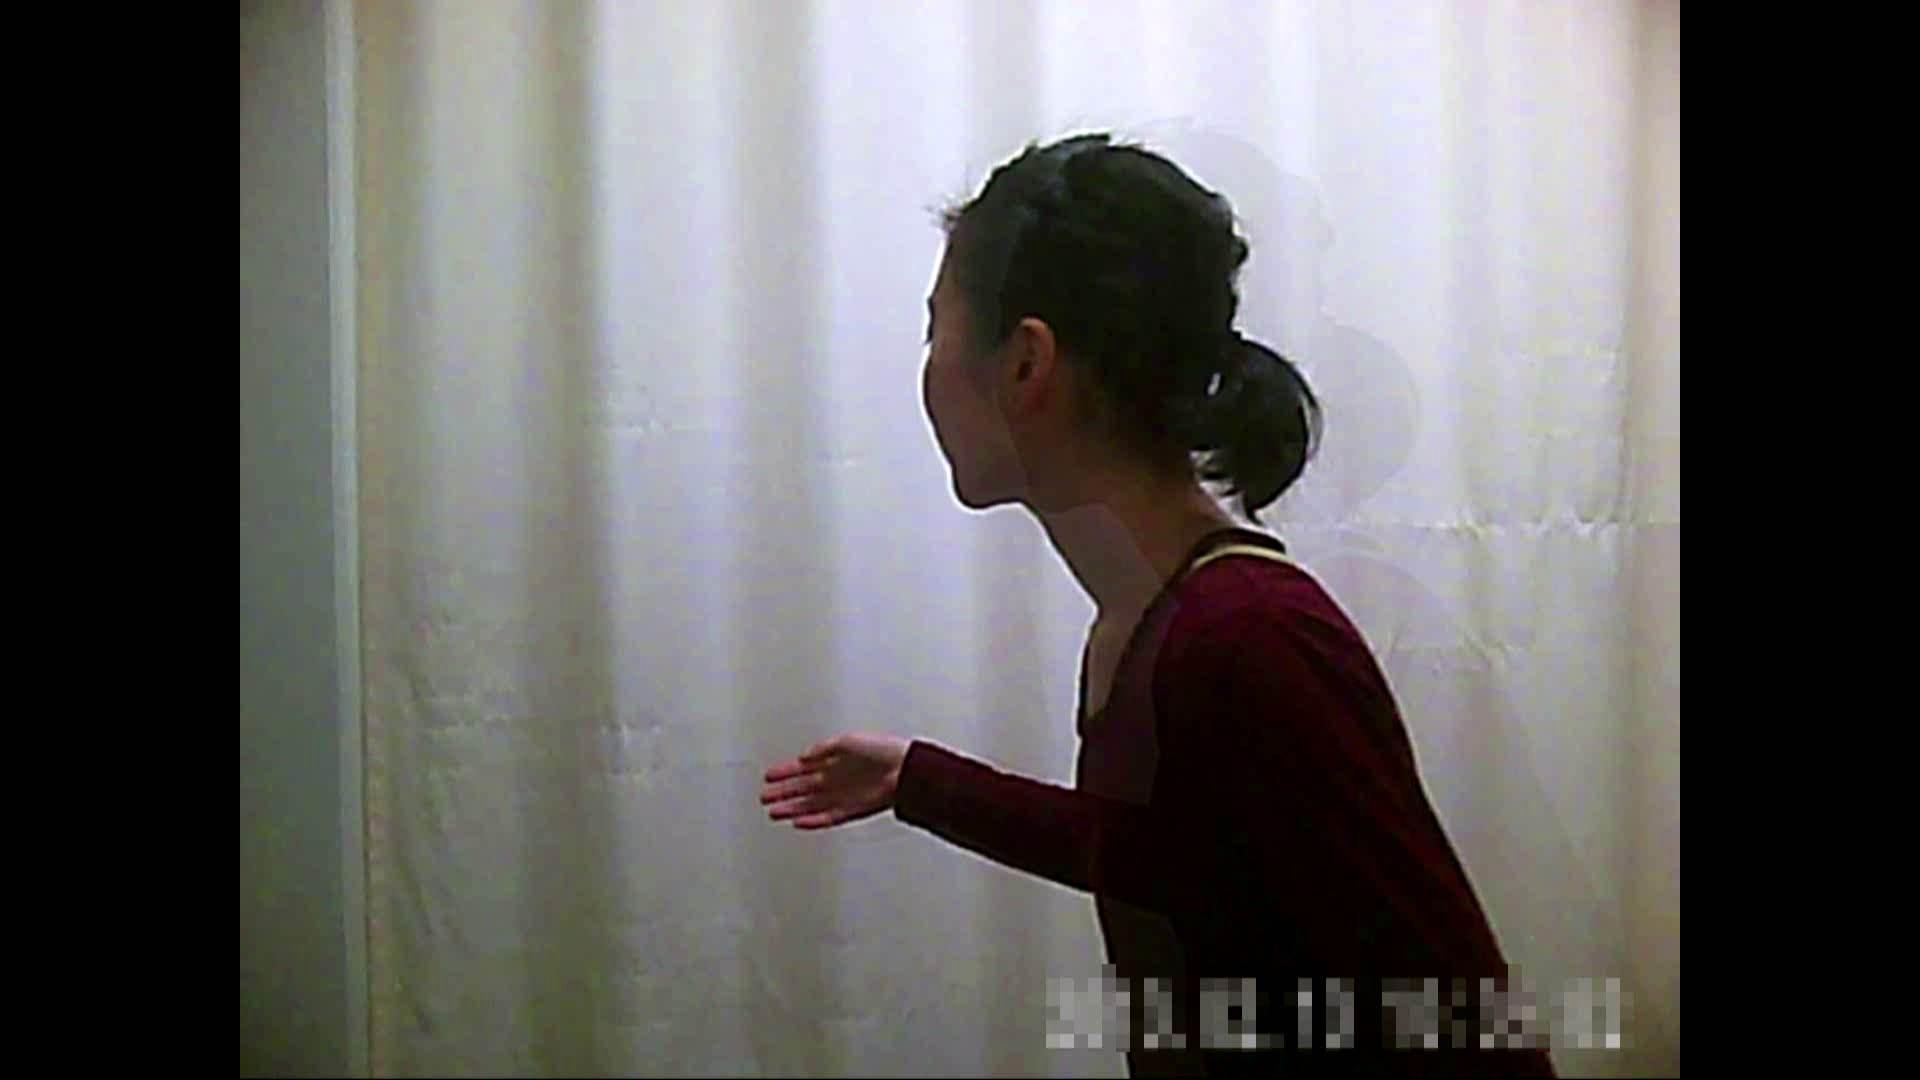 元医者による反抗 更衣室地獄絵巻 vol.145 OLの実態 | 0  28pic 15